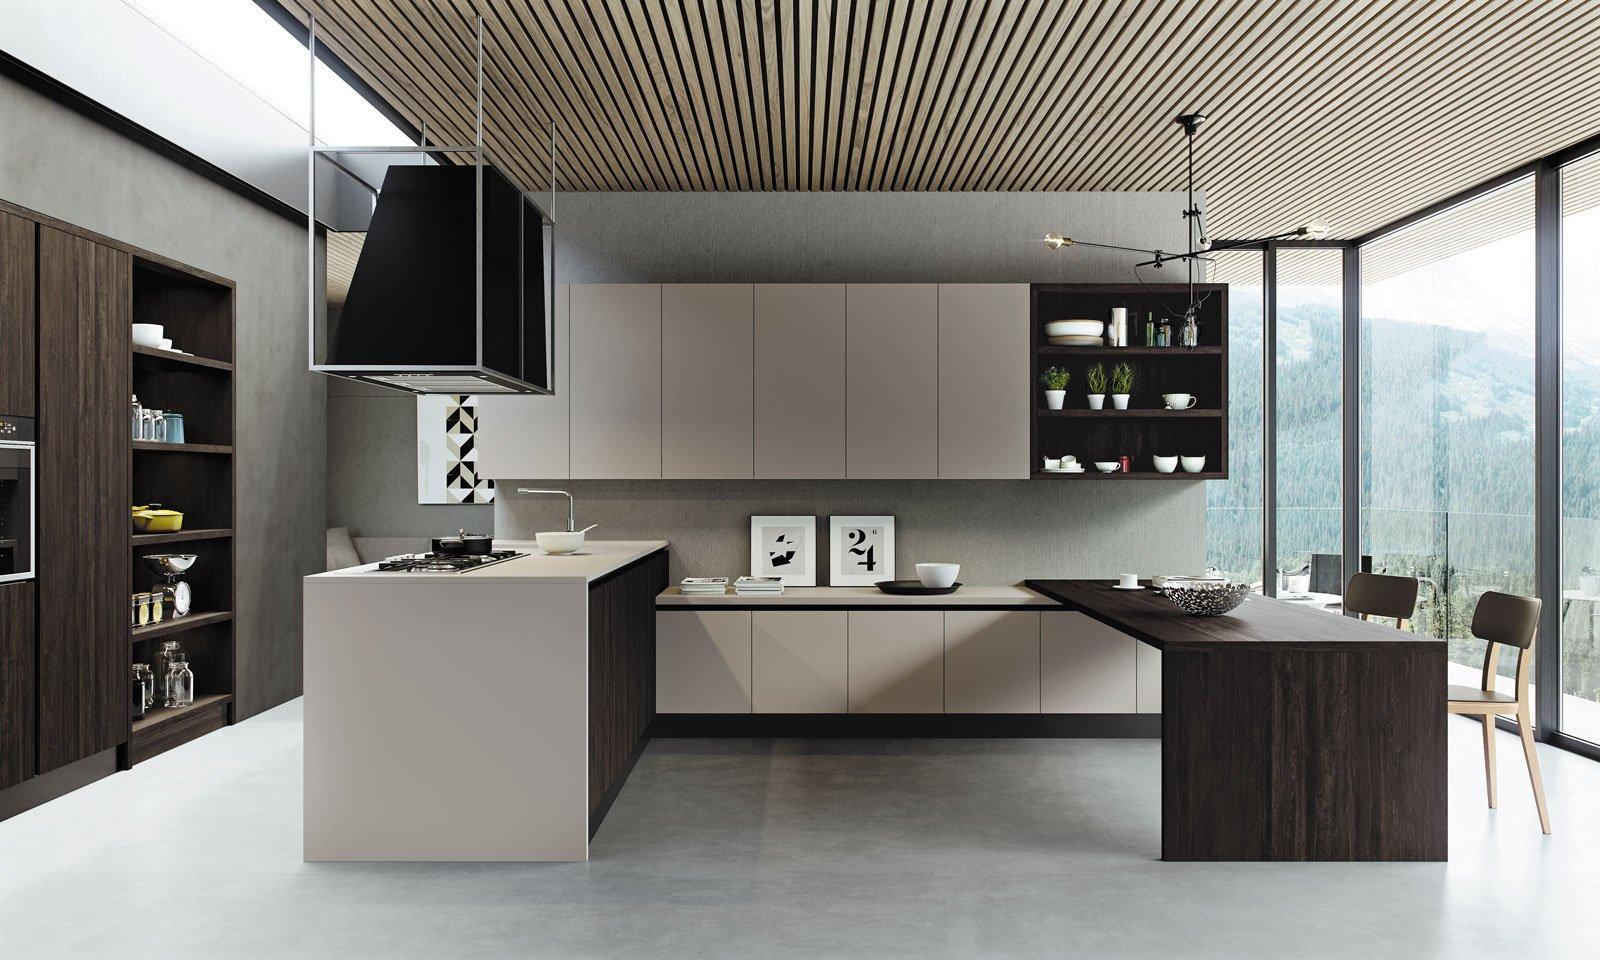 Cucine con cappa decorativa cose di casa - Cucine arredo 3 ...